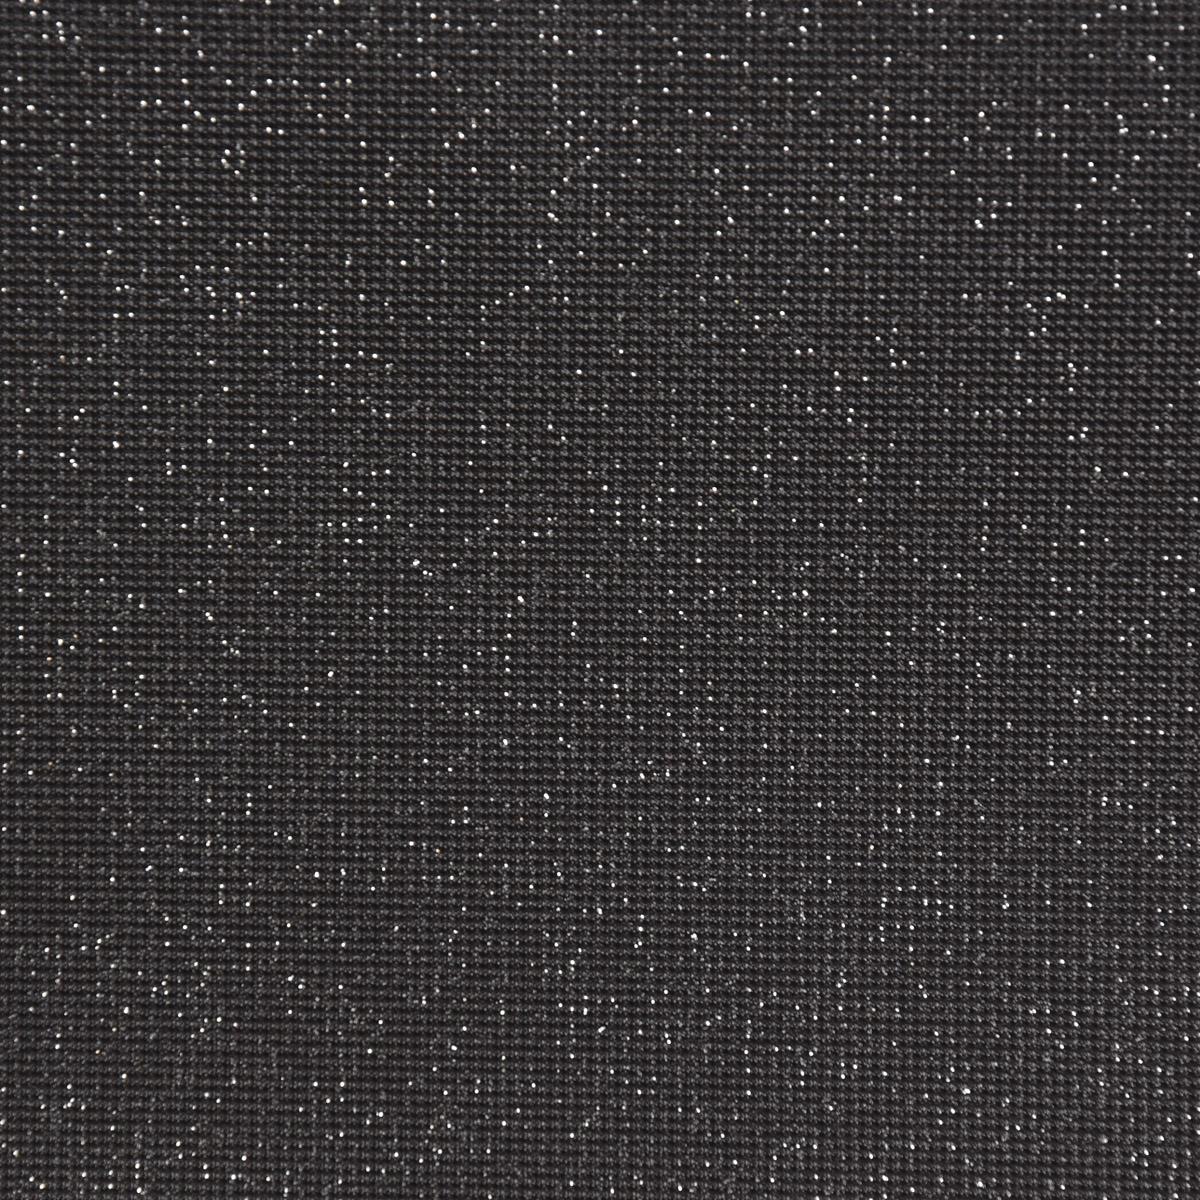 Kunstleder Lederimitat Bling Bling anthrazit weiß 1,4m Breite